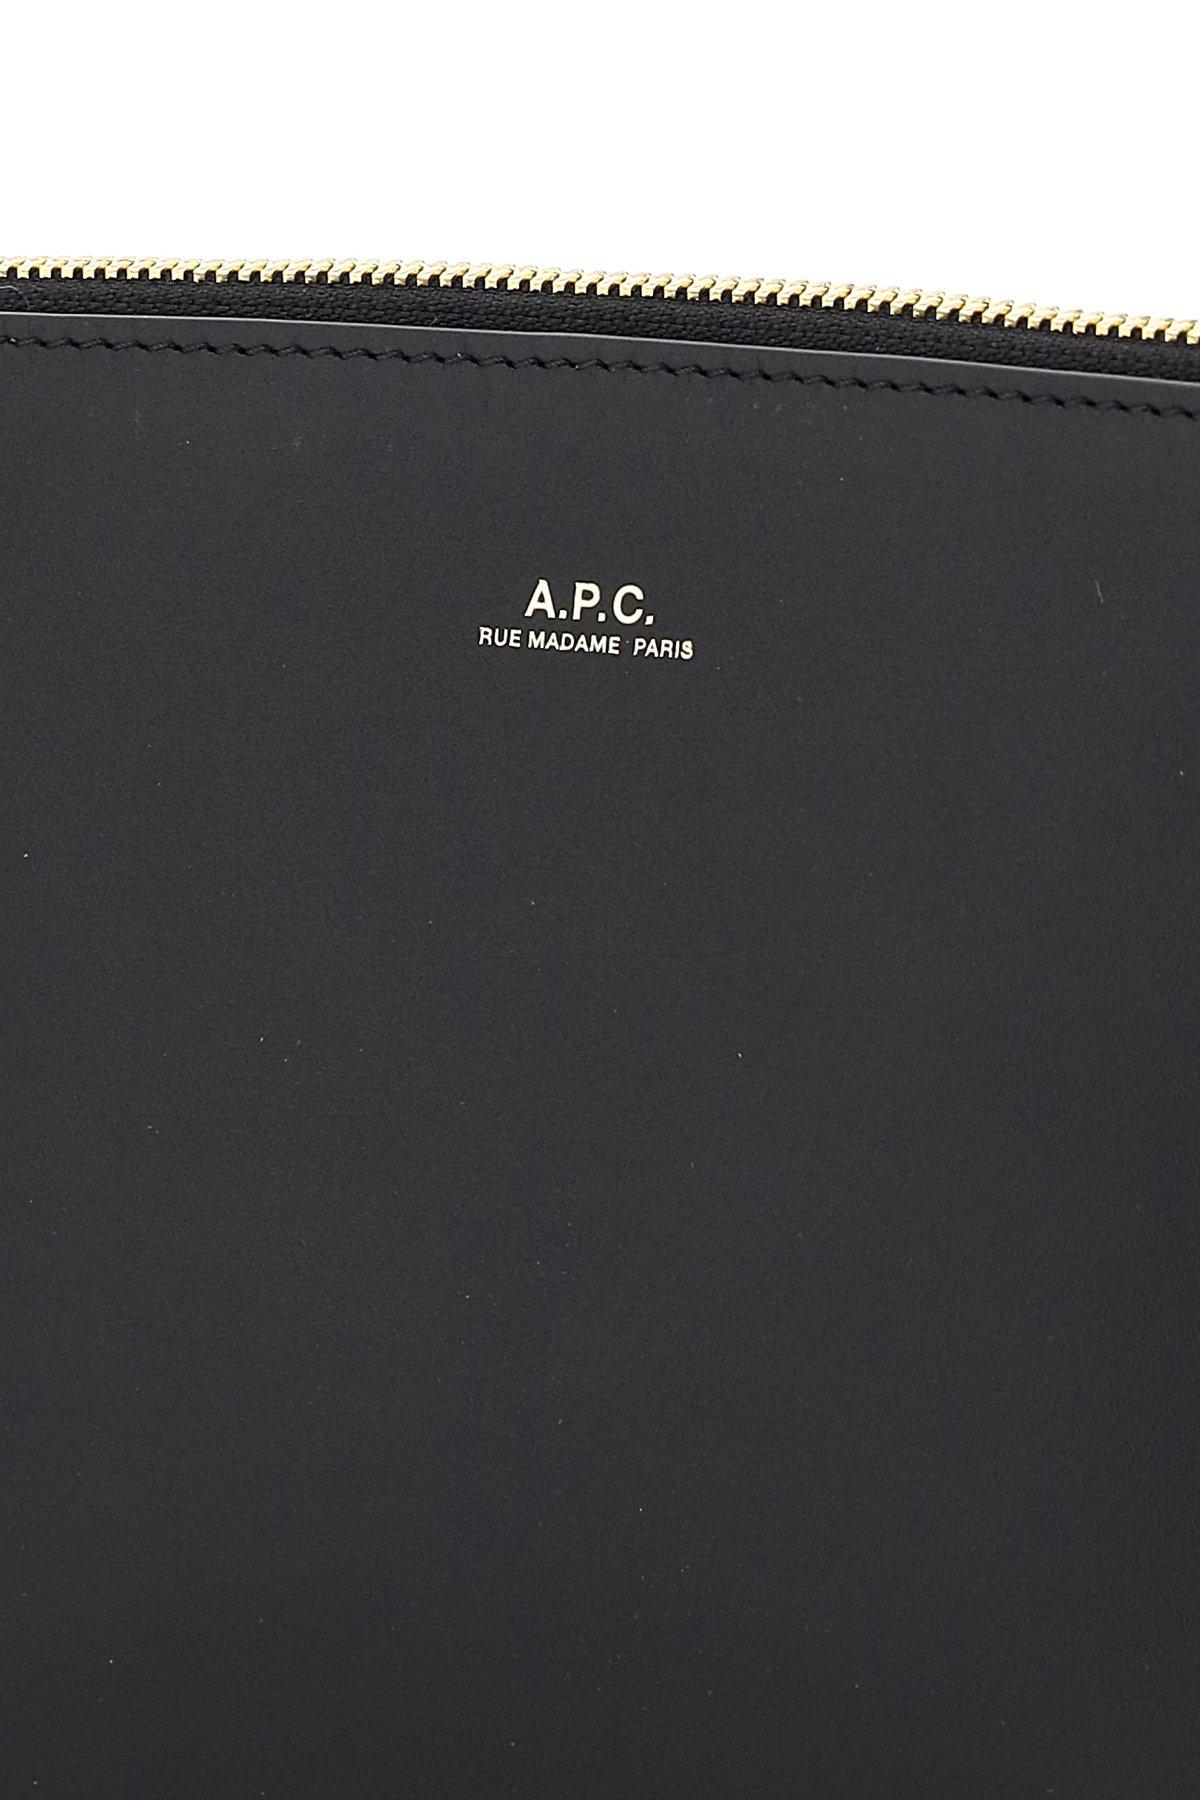 A.p.c. clutch in pelle sarah